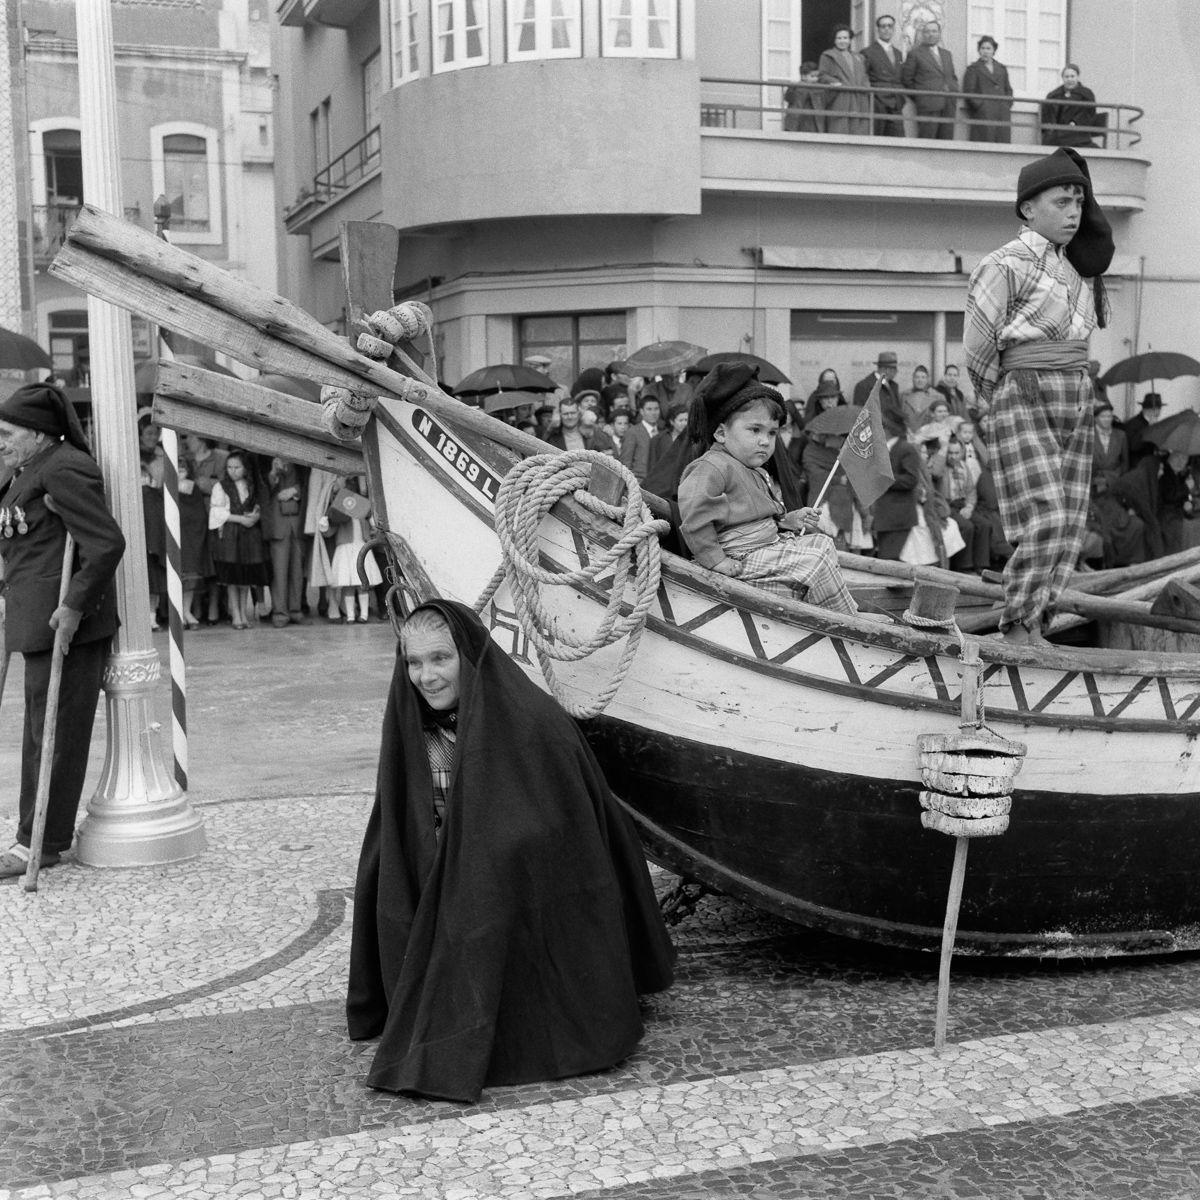 Fotografias deslumbrantes capturam a cultura da pesca dos anos 50 em Portugal 24